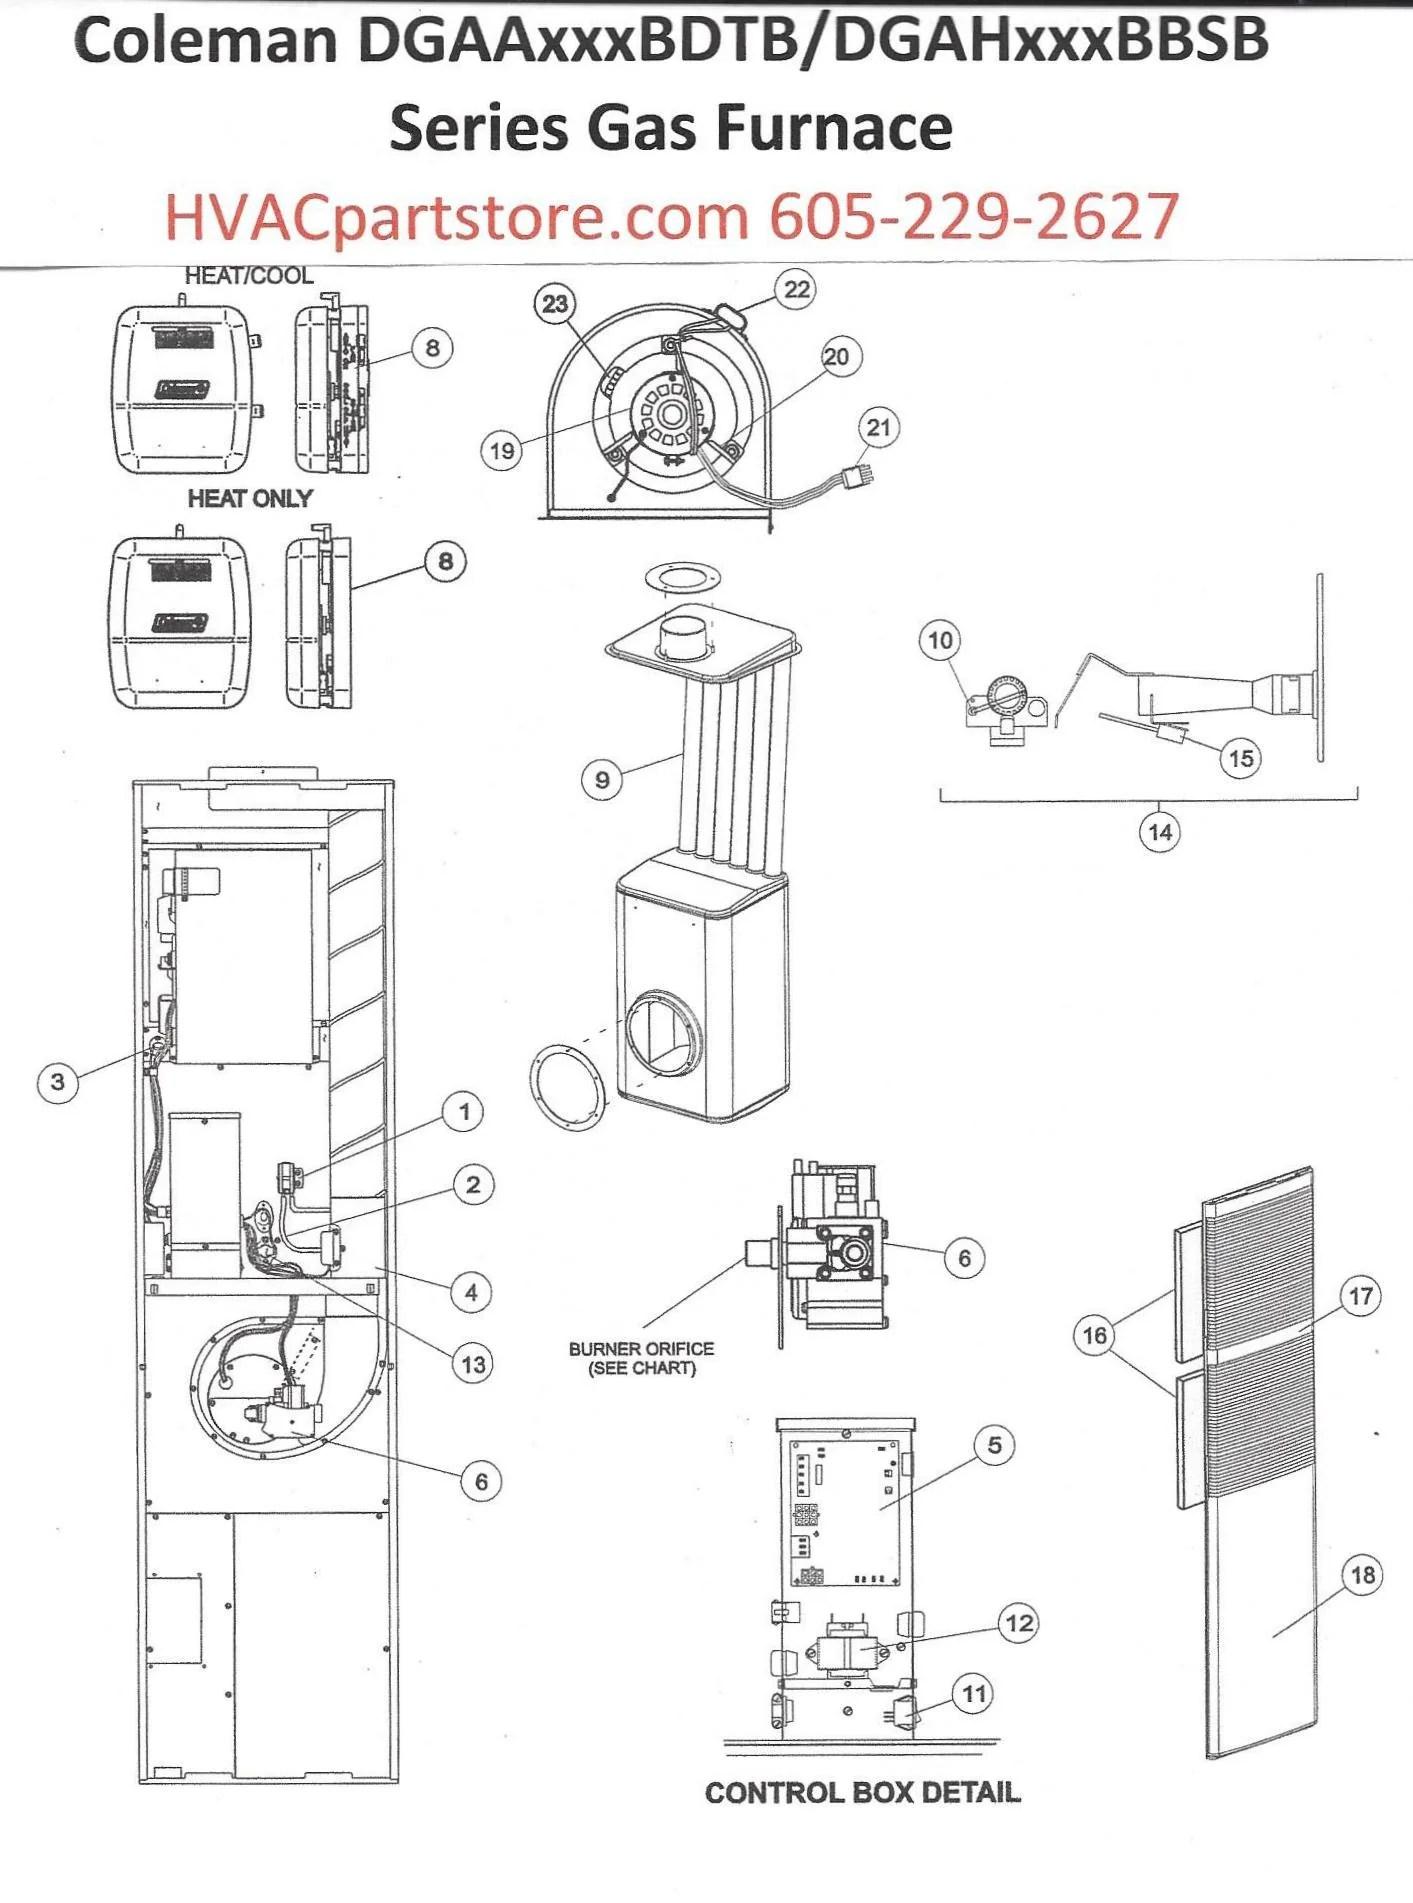 DGAA056BDTB Coleman Gas Furnace Parts – HVACpartstore